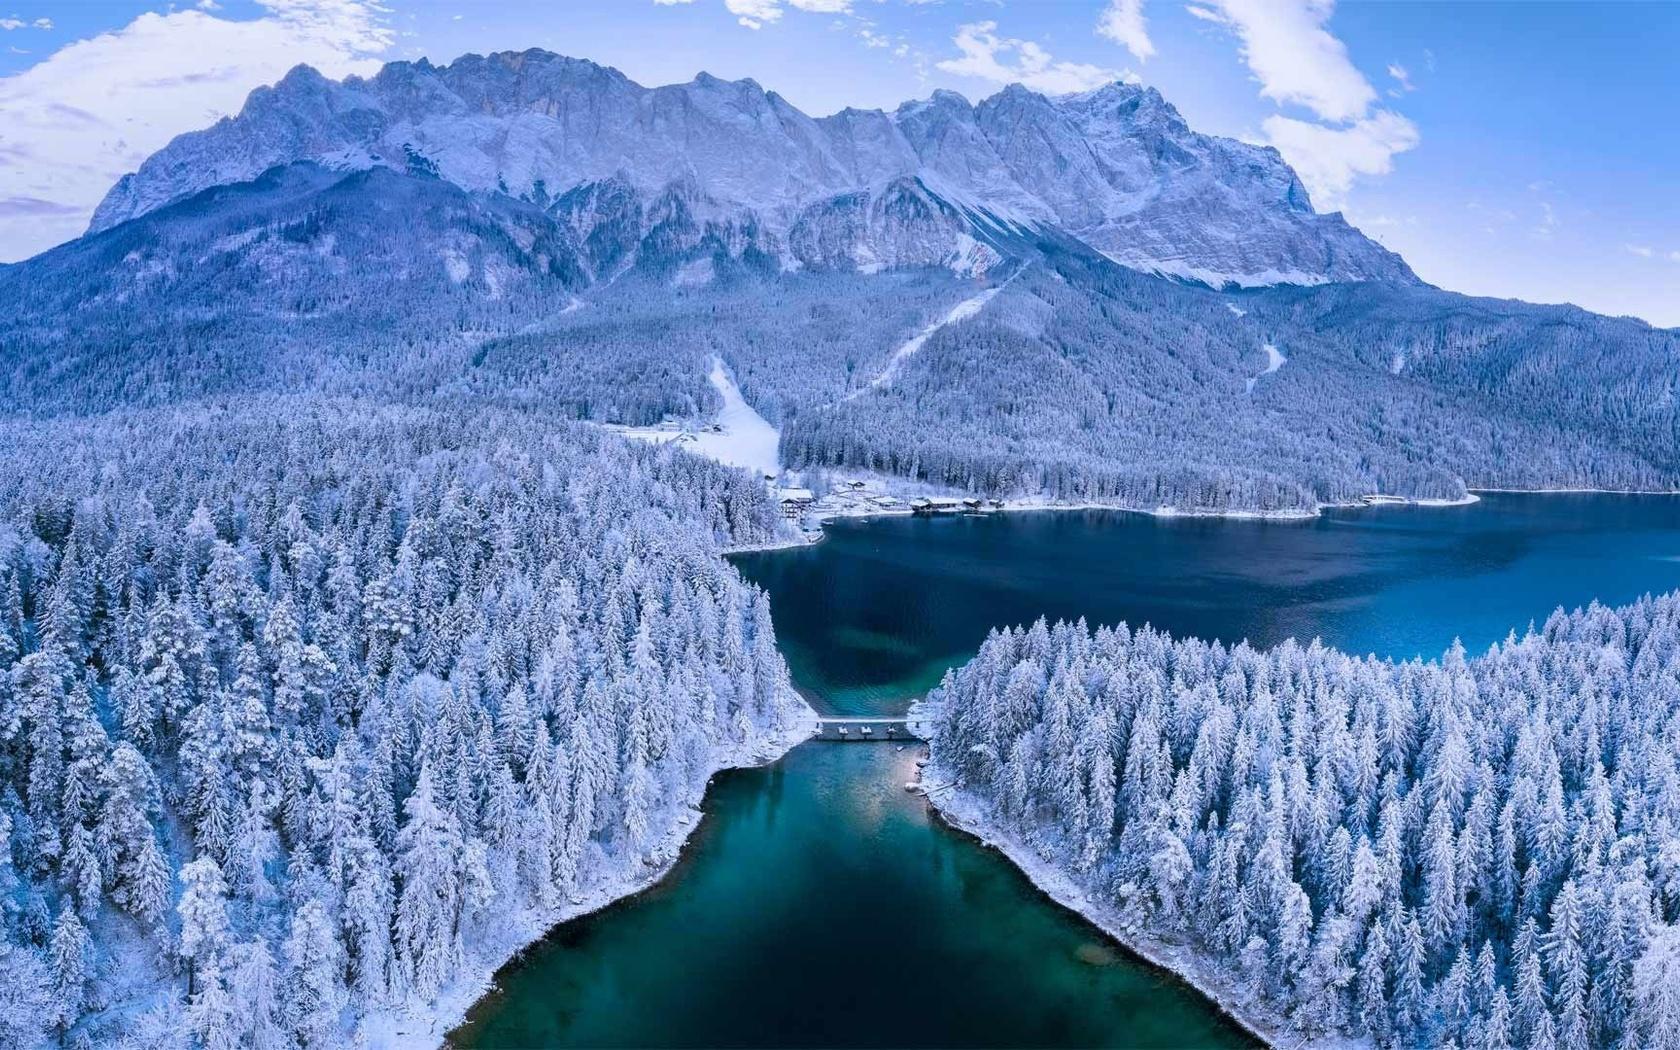 гора, лес, озеро, снег, германия